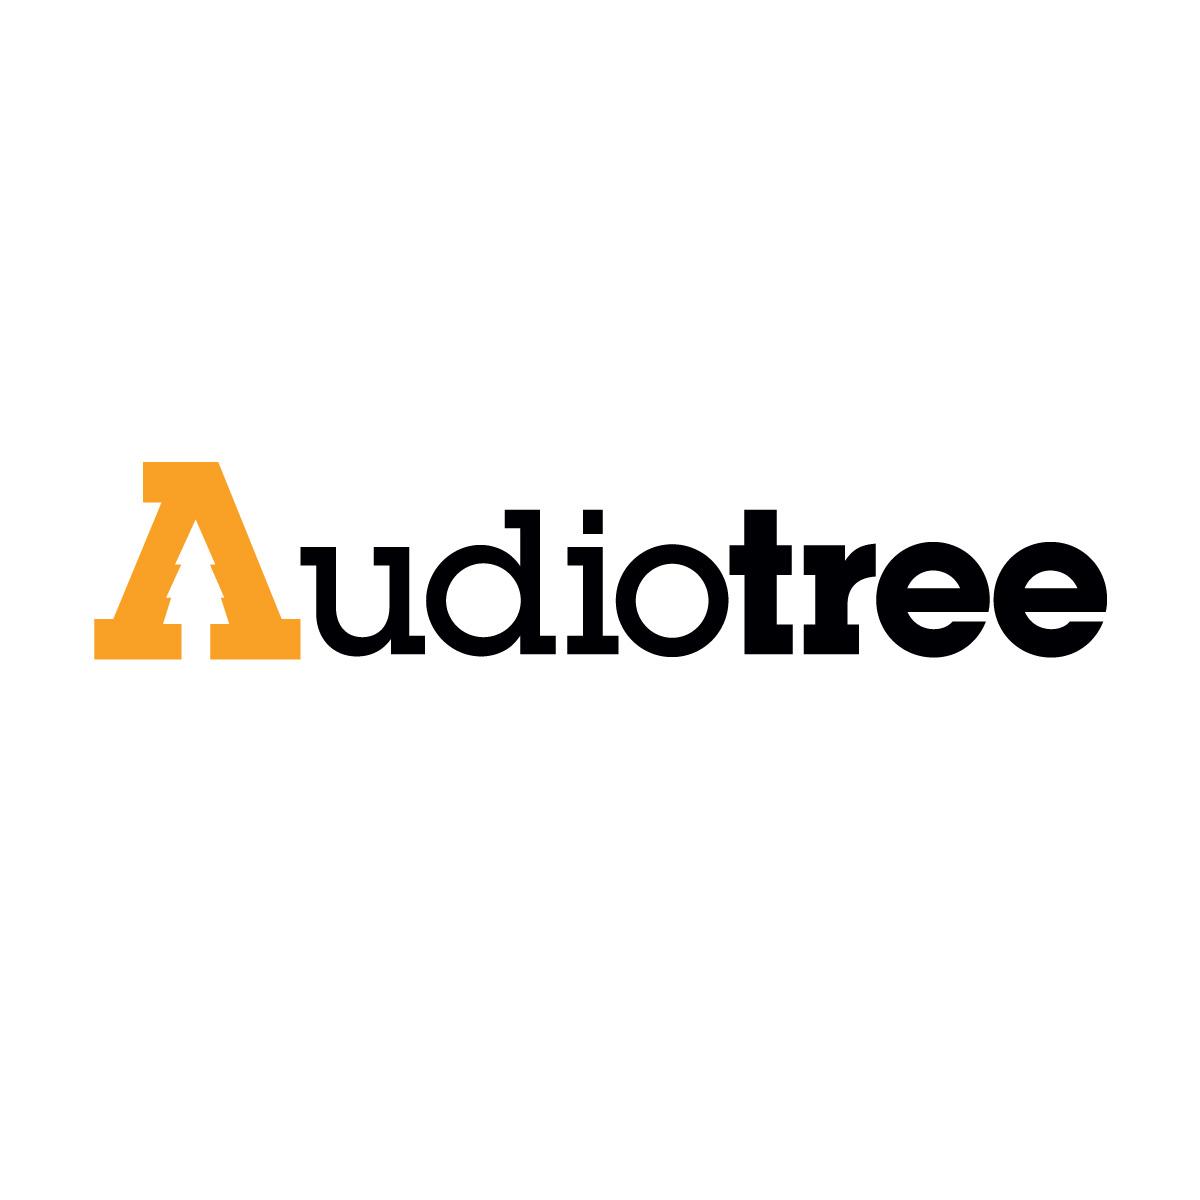 Audiotree